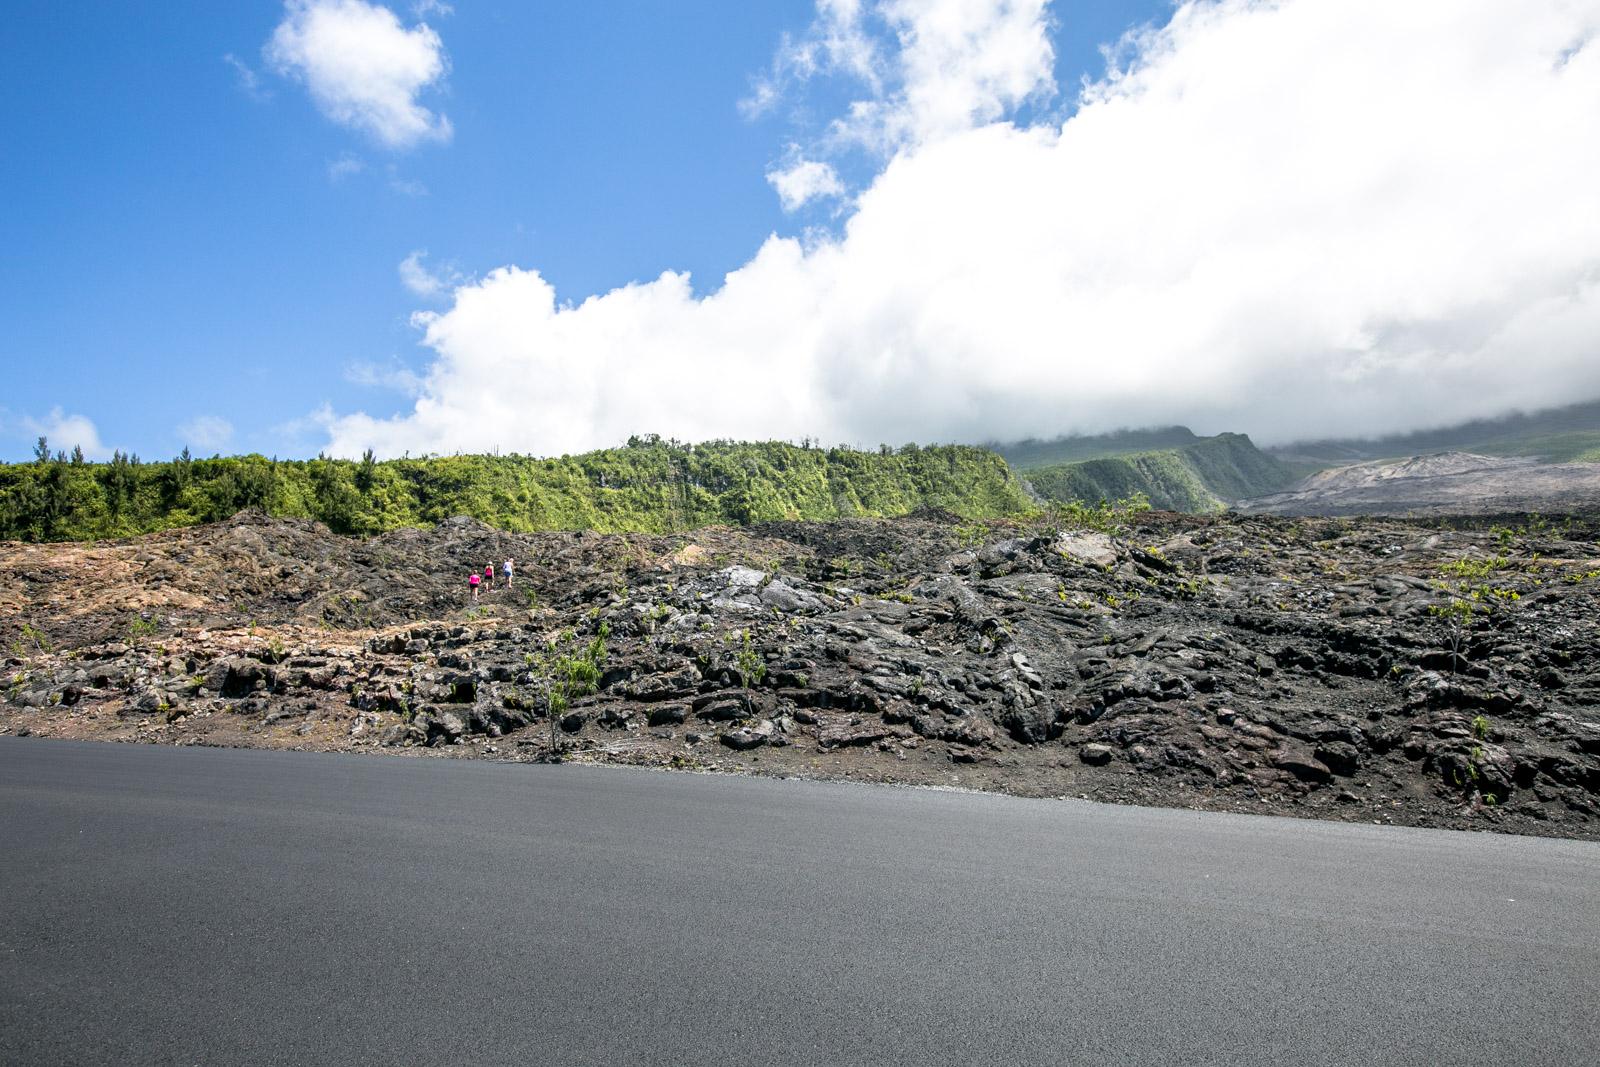 La Réunion Sehenswürdigkeiten, La Réunion Highlights, Coulee de lava